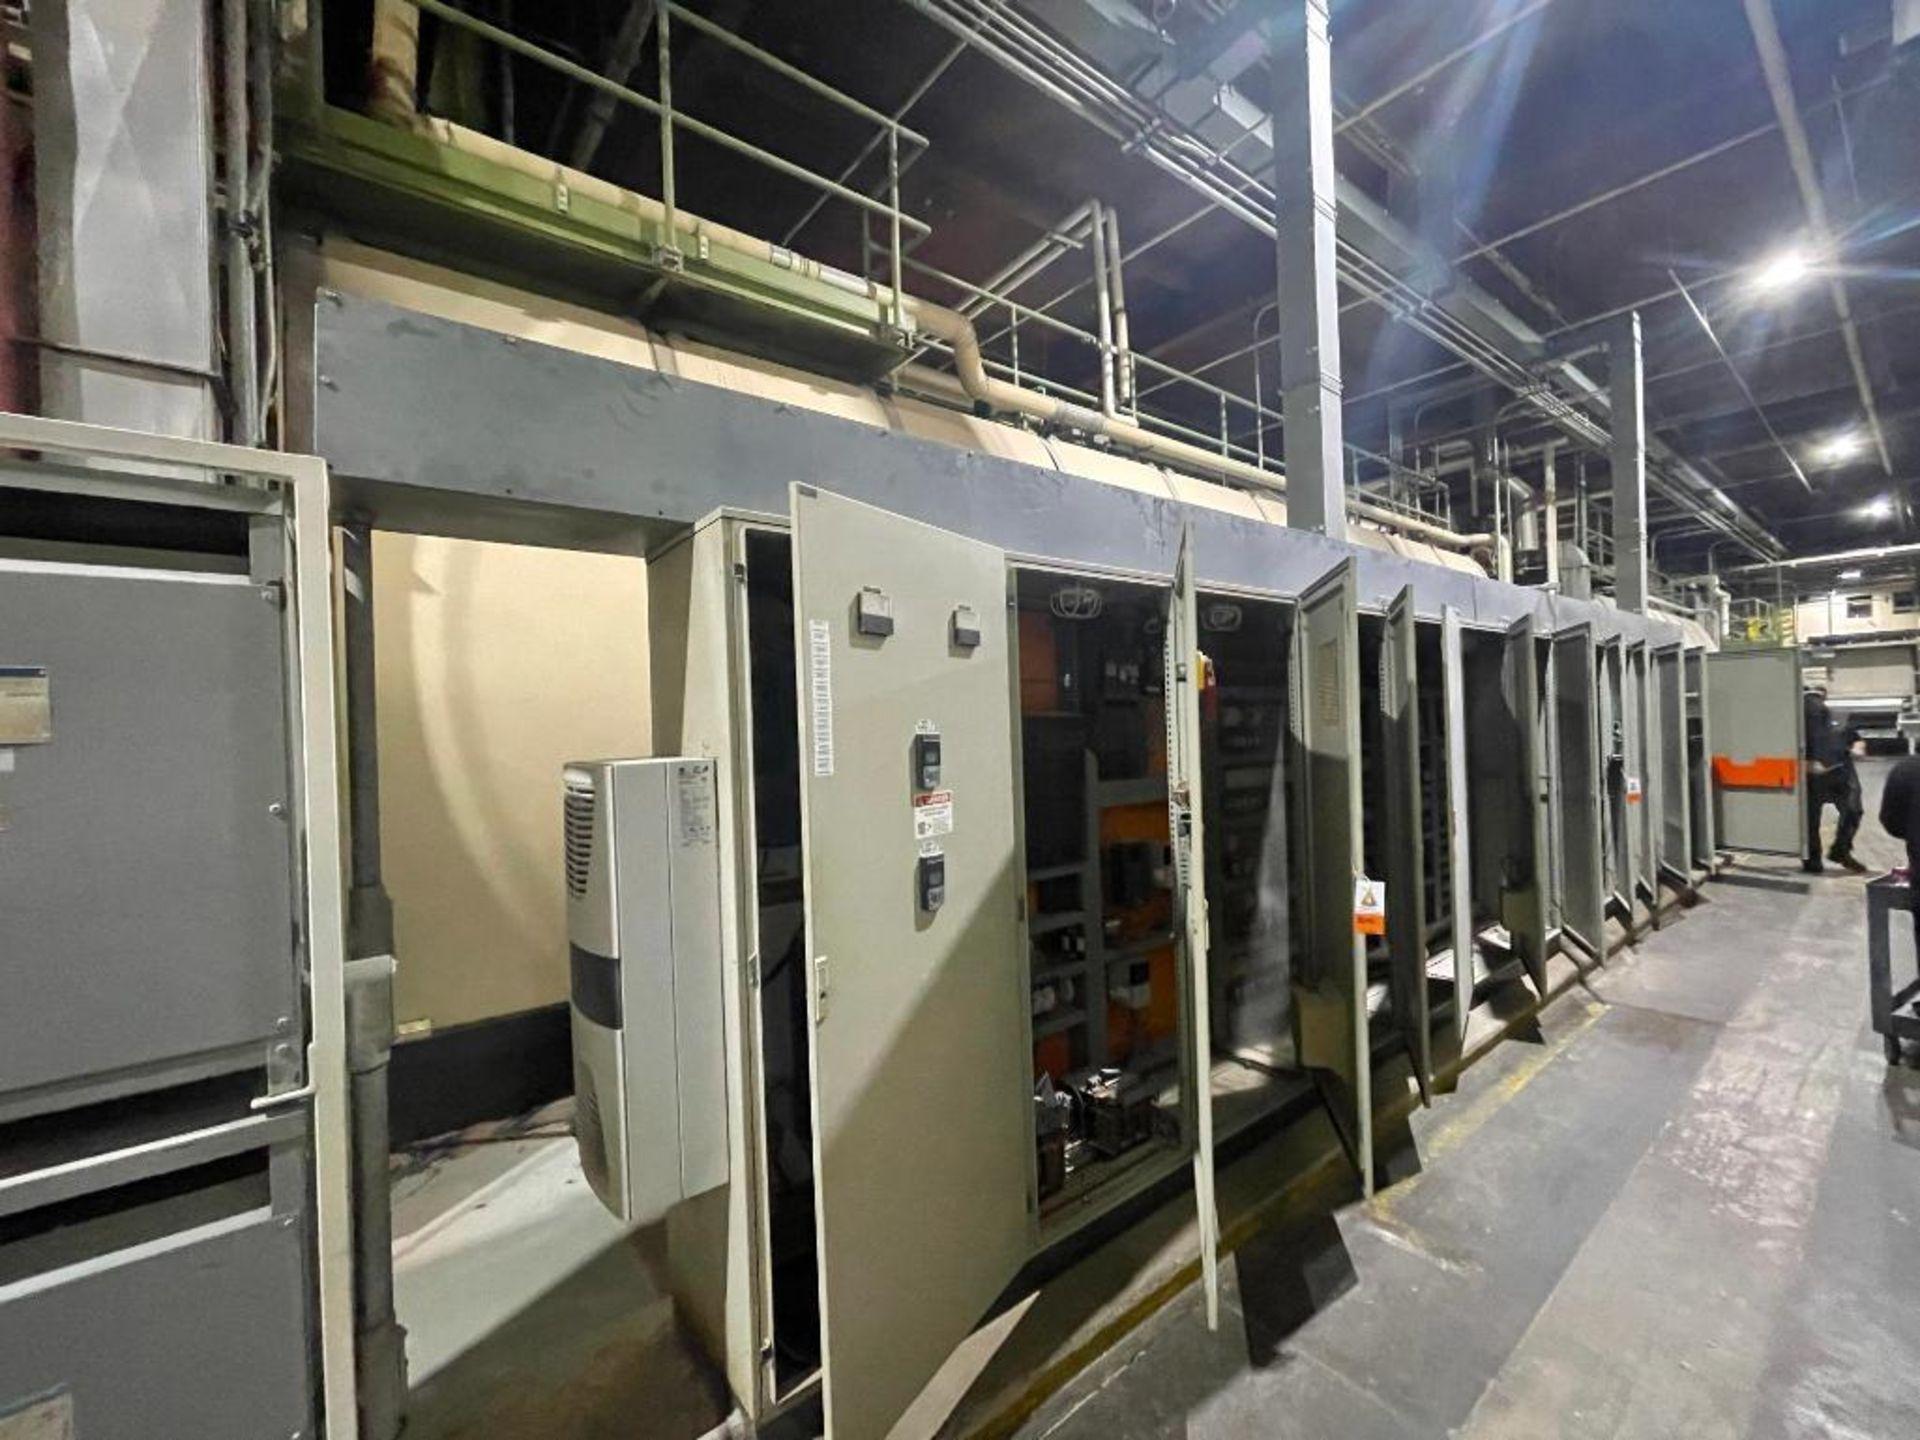 7-door mild steel air conditioned control cabinet, 5-VFD's